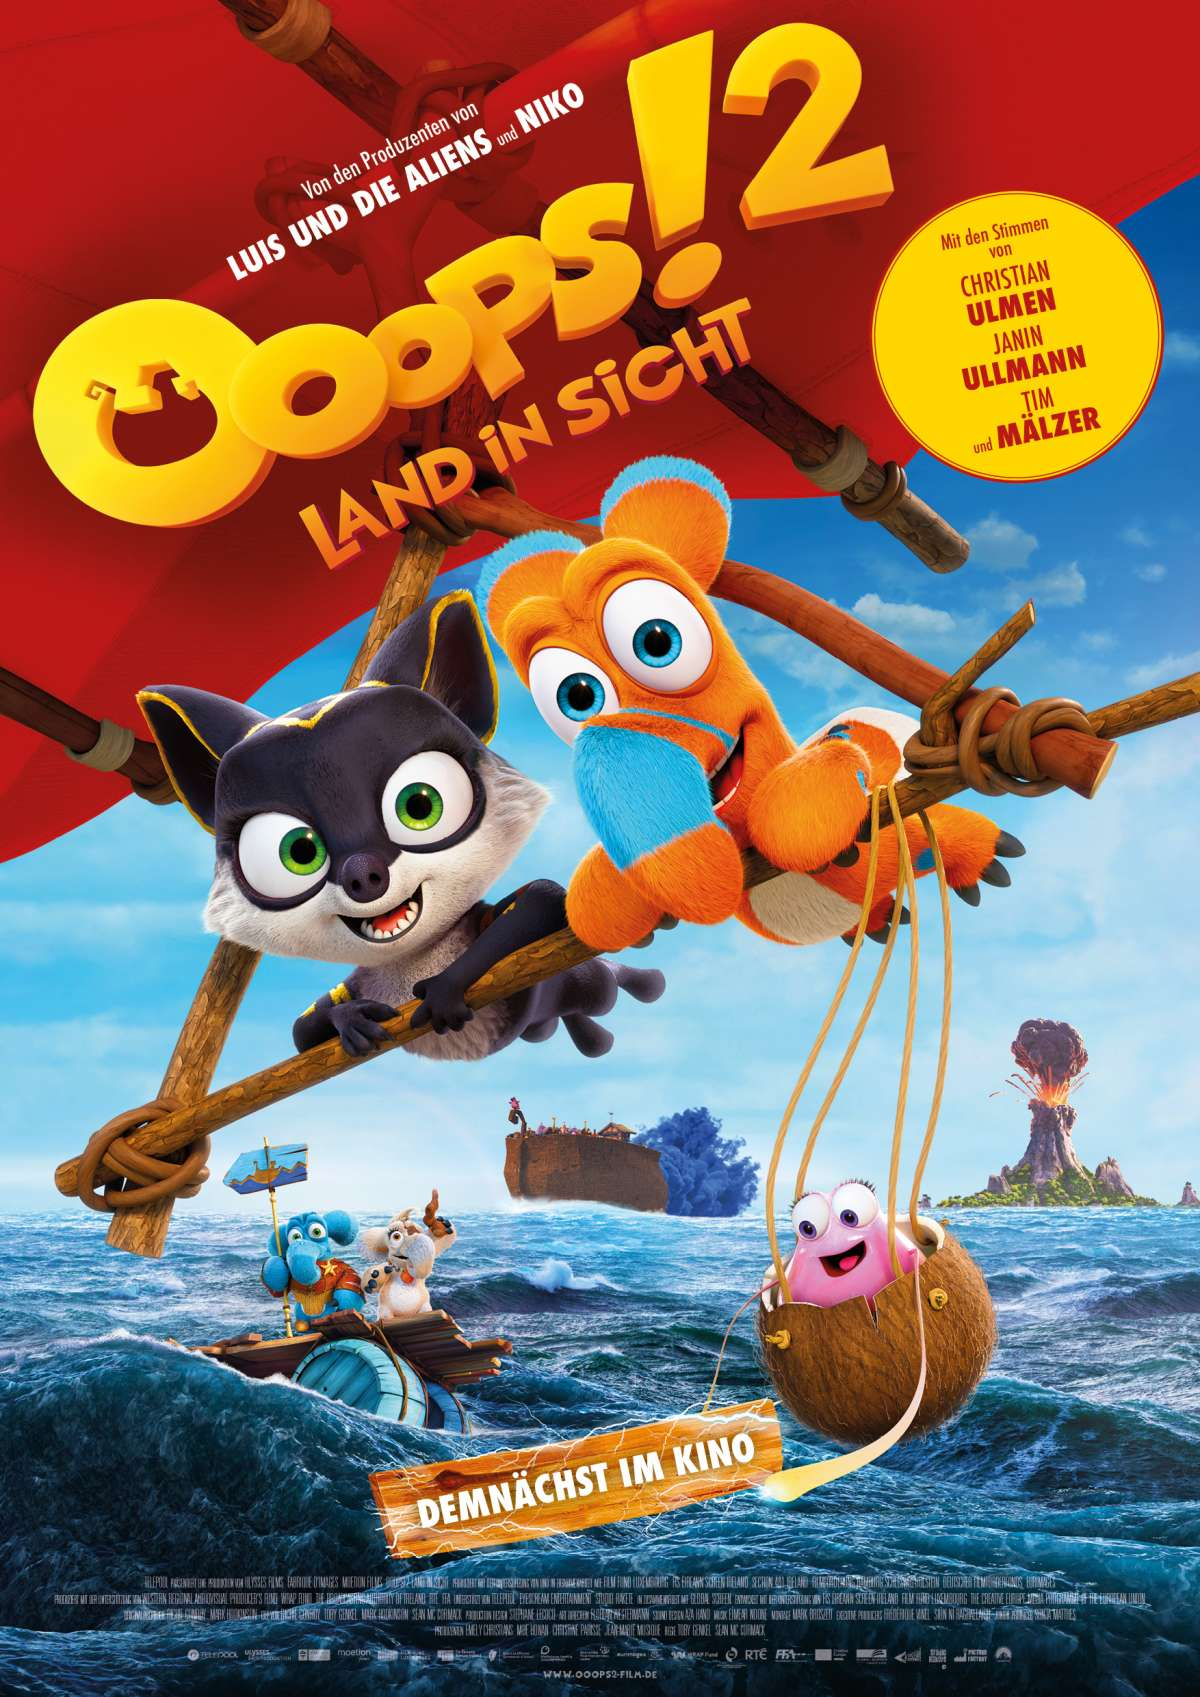 Ooops! 2 - Land in Sicht - Central Kino  - Borgentreich